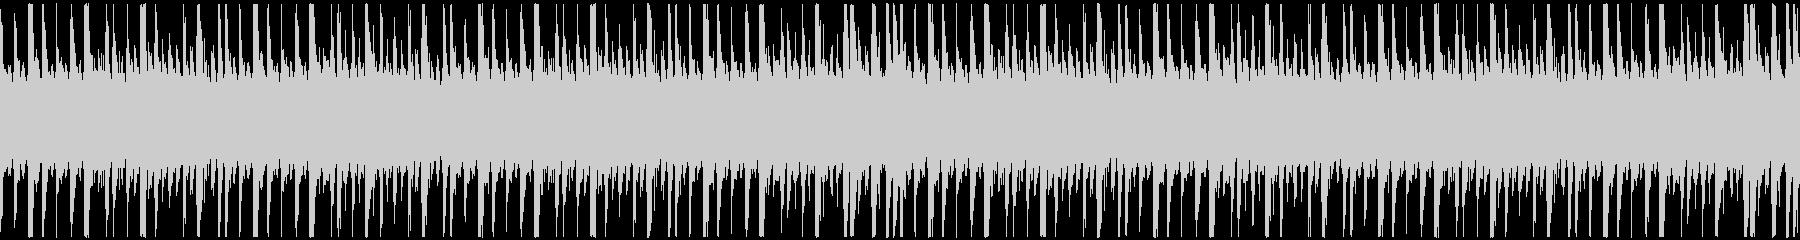 ローファイでシンプルなピアノのループの未再生の波形